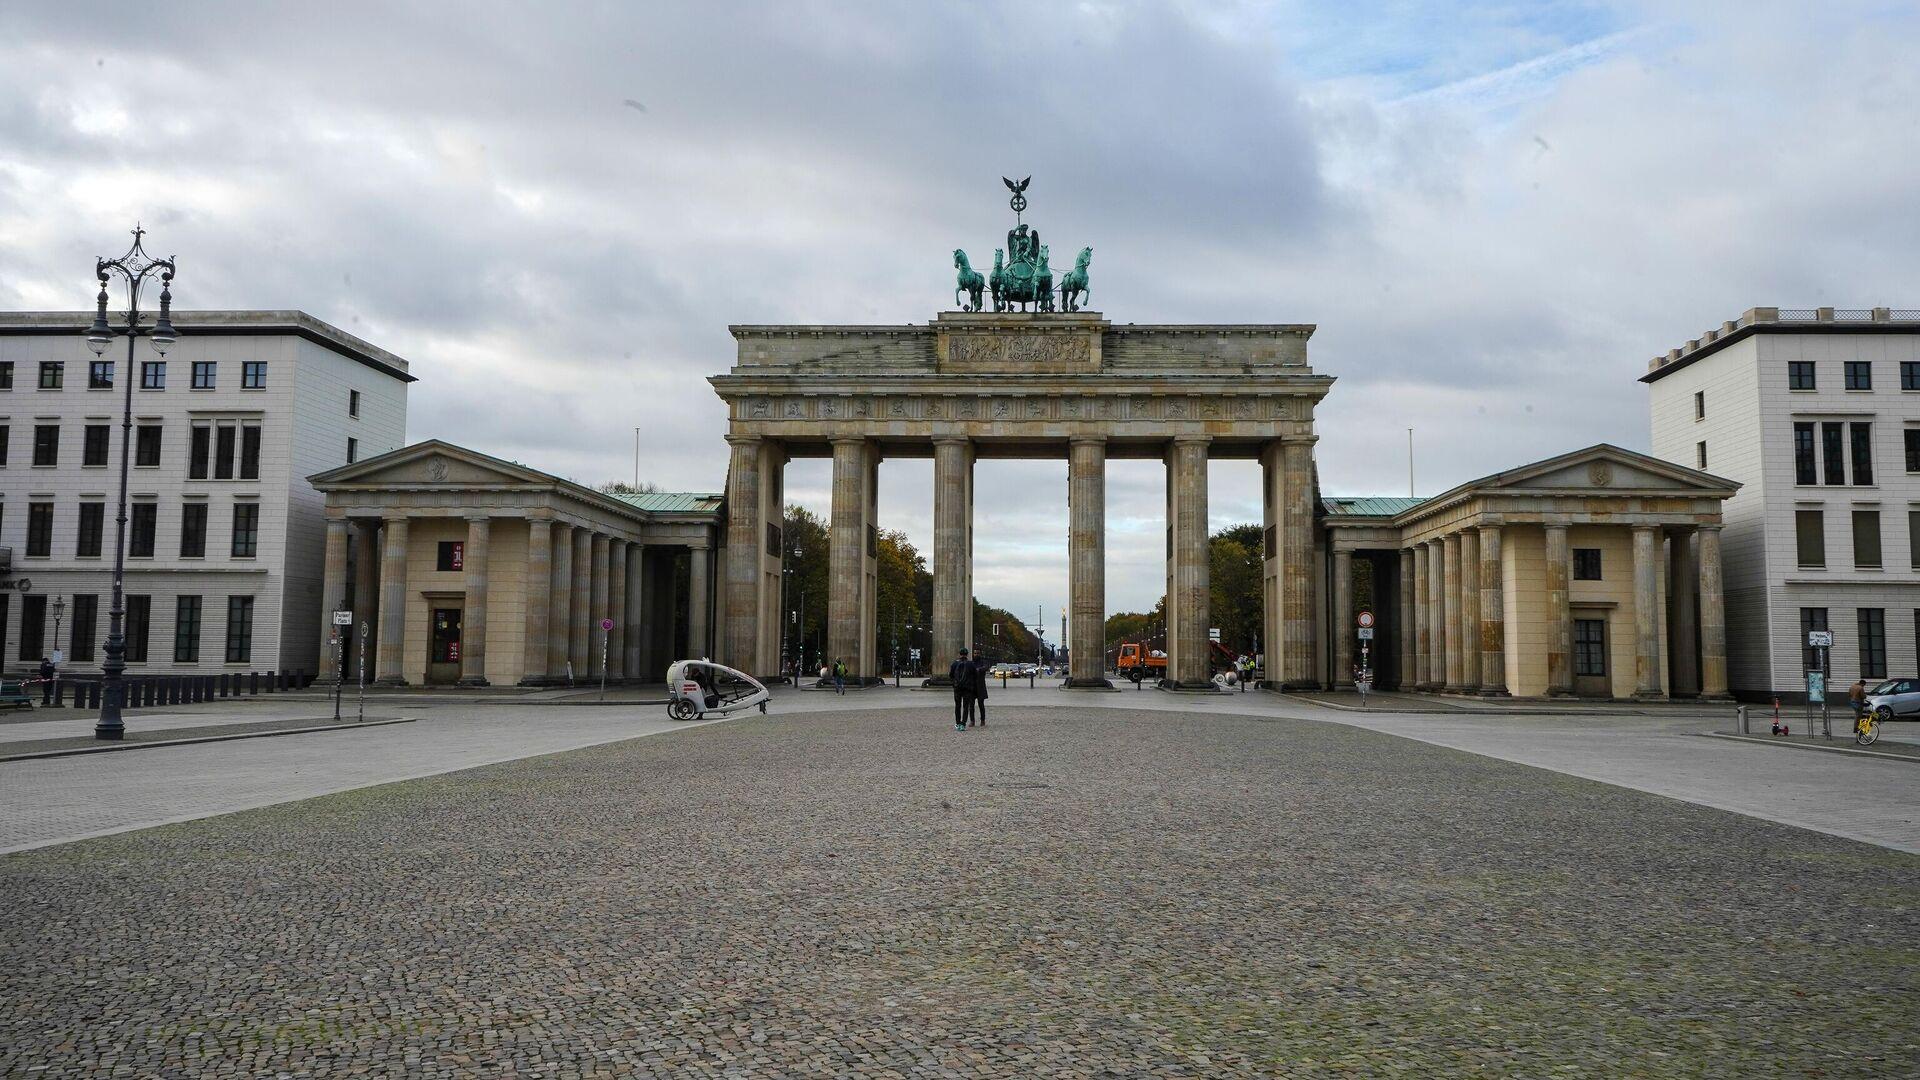 Пустая улица перед Бранденбургскими воротами в Берлине во время карантина, введенного в связи с коронавирусом - РИА Новости, 1920, 25.11.2020